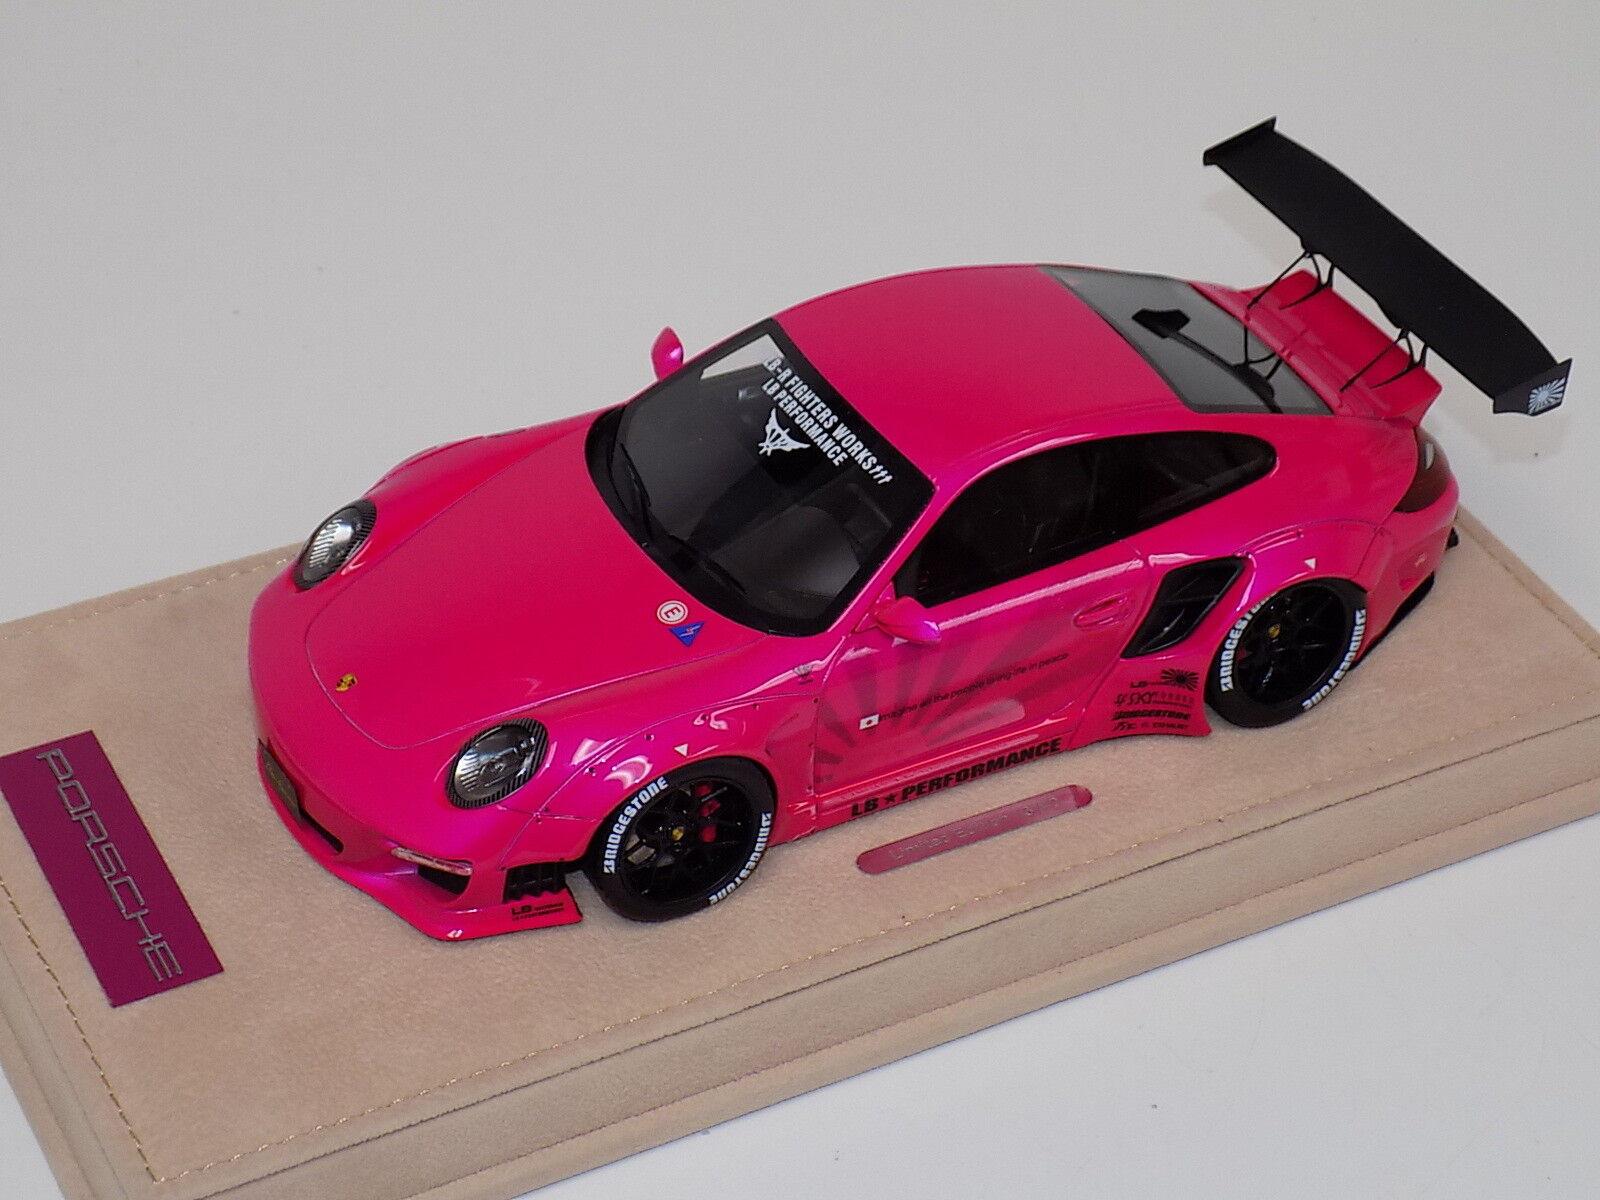 ab modelos Porsche  Liberty Walk lb rendimiento Flash calcomanías de Rosa 01A